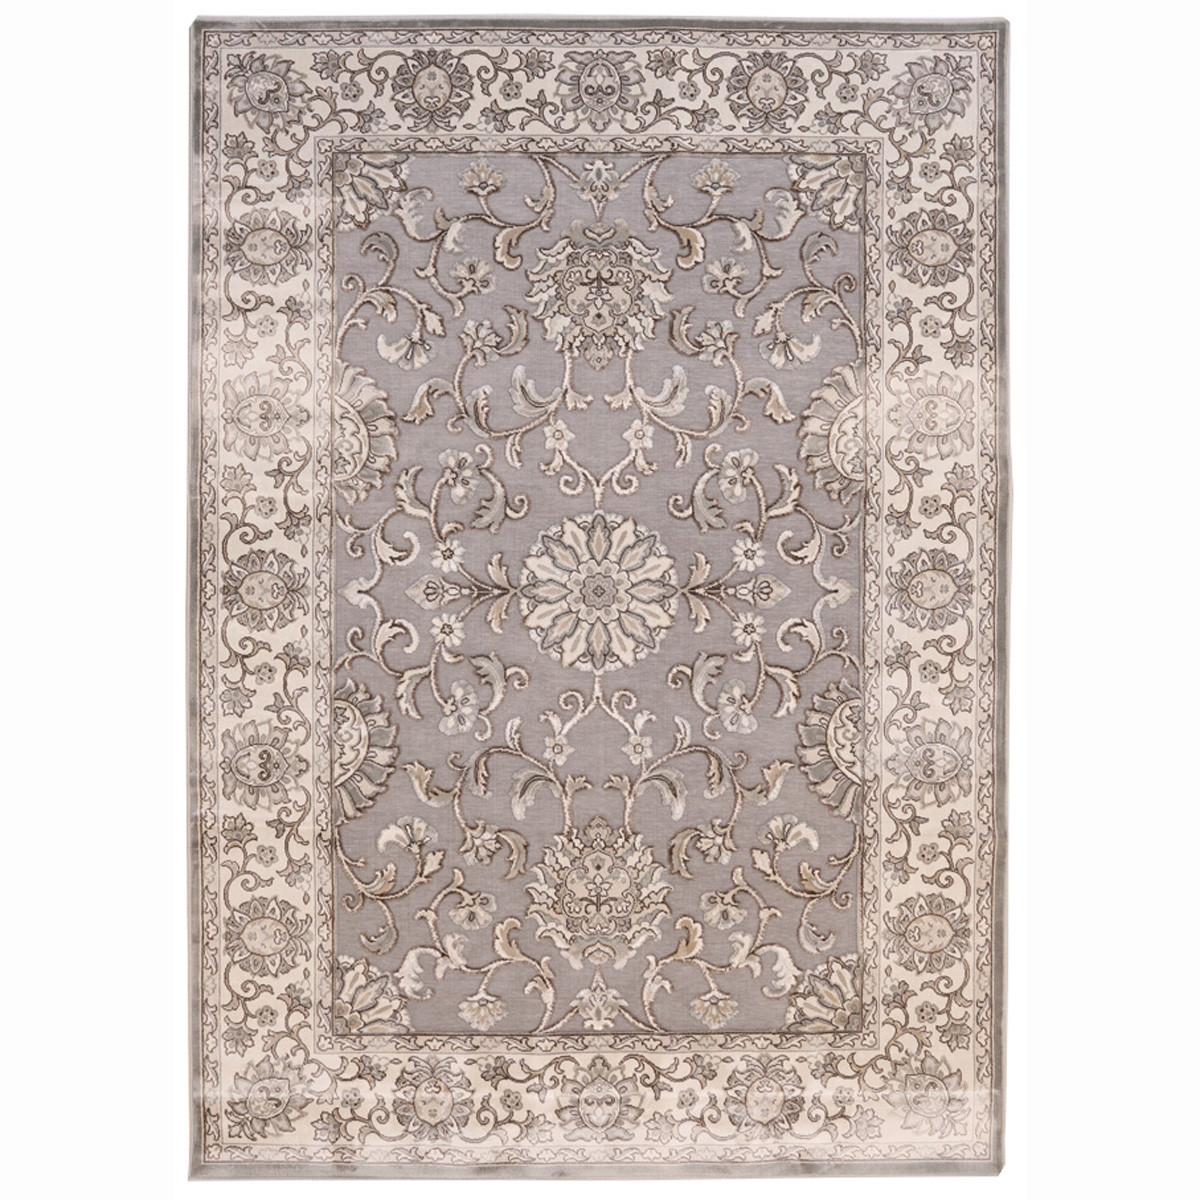 Χαλιά Κρεβατοκάμαρας (Σετ 3τμχ) Royal Carpets Tiffany 939 Blue